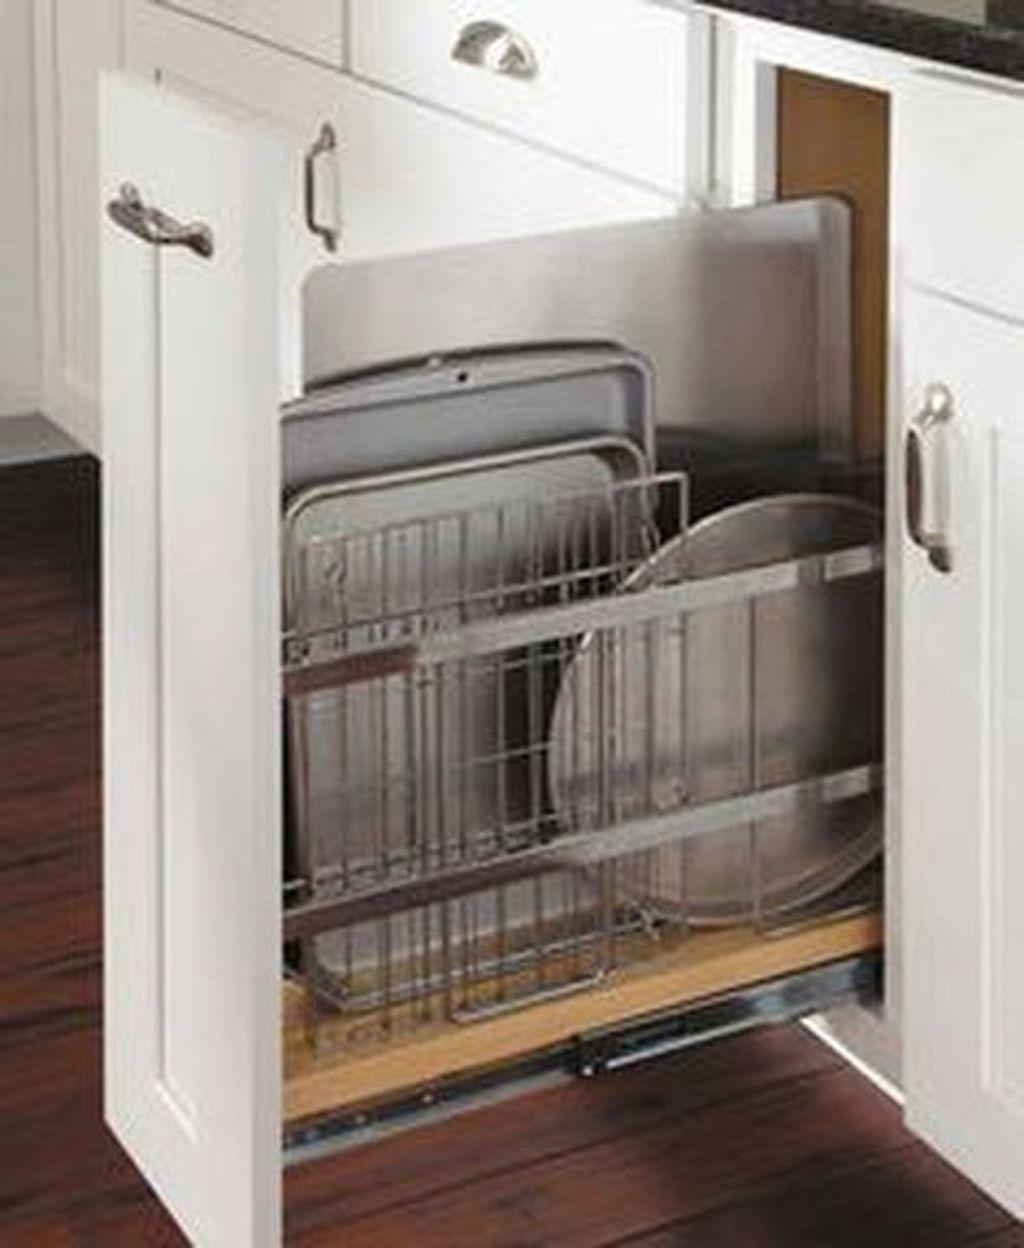 Best Design Ideas For Kitchen Organization Cabinets 16